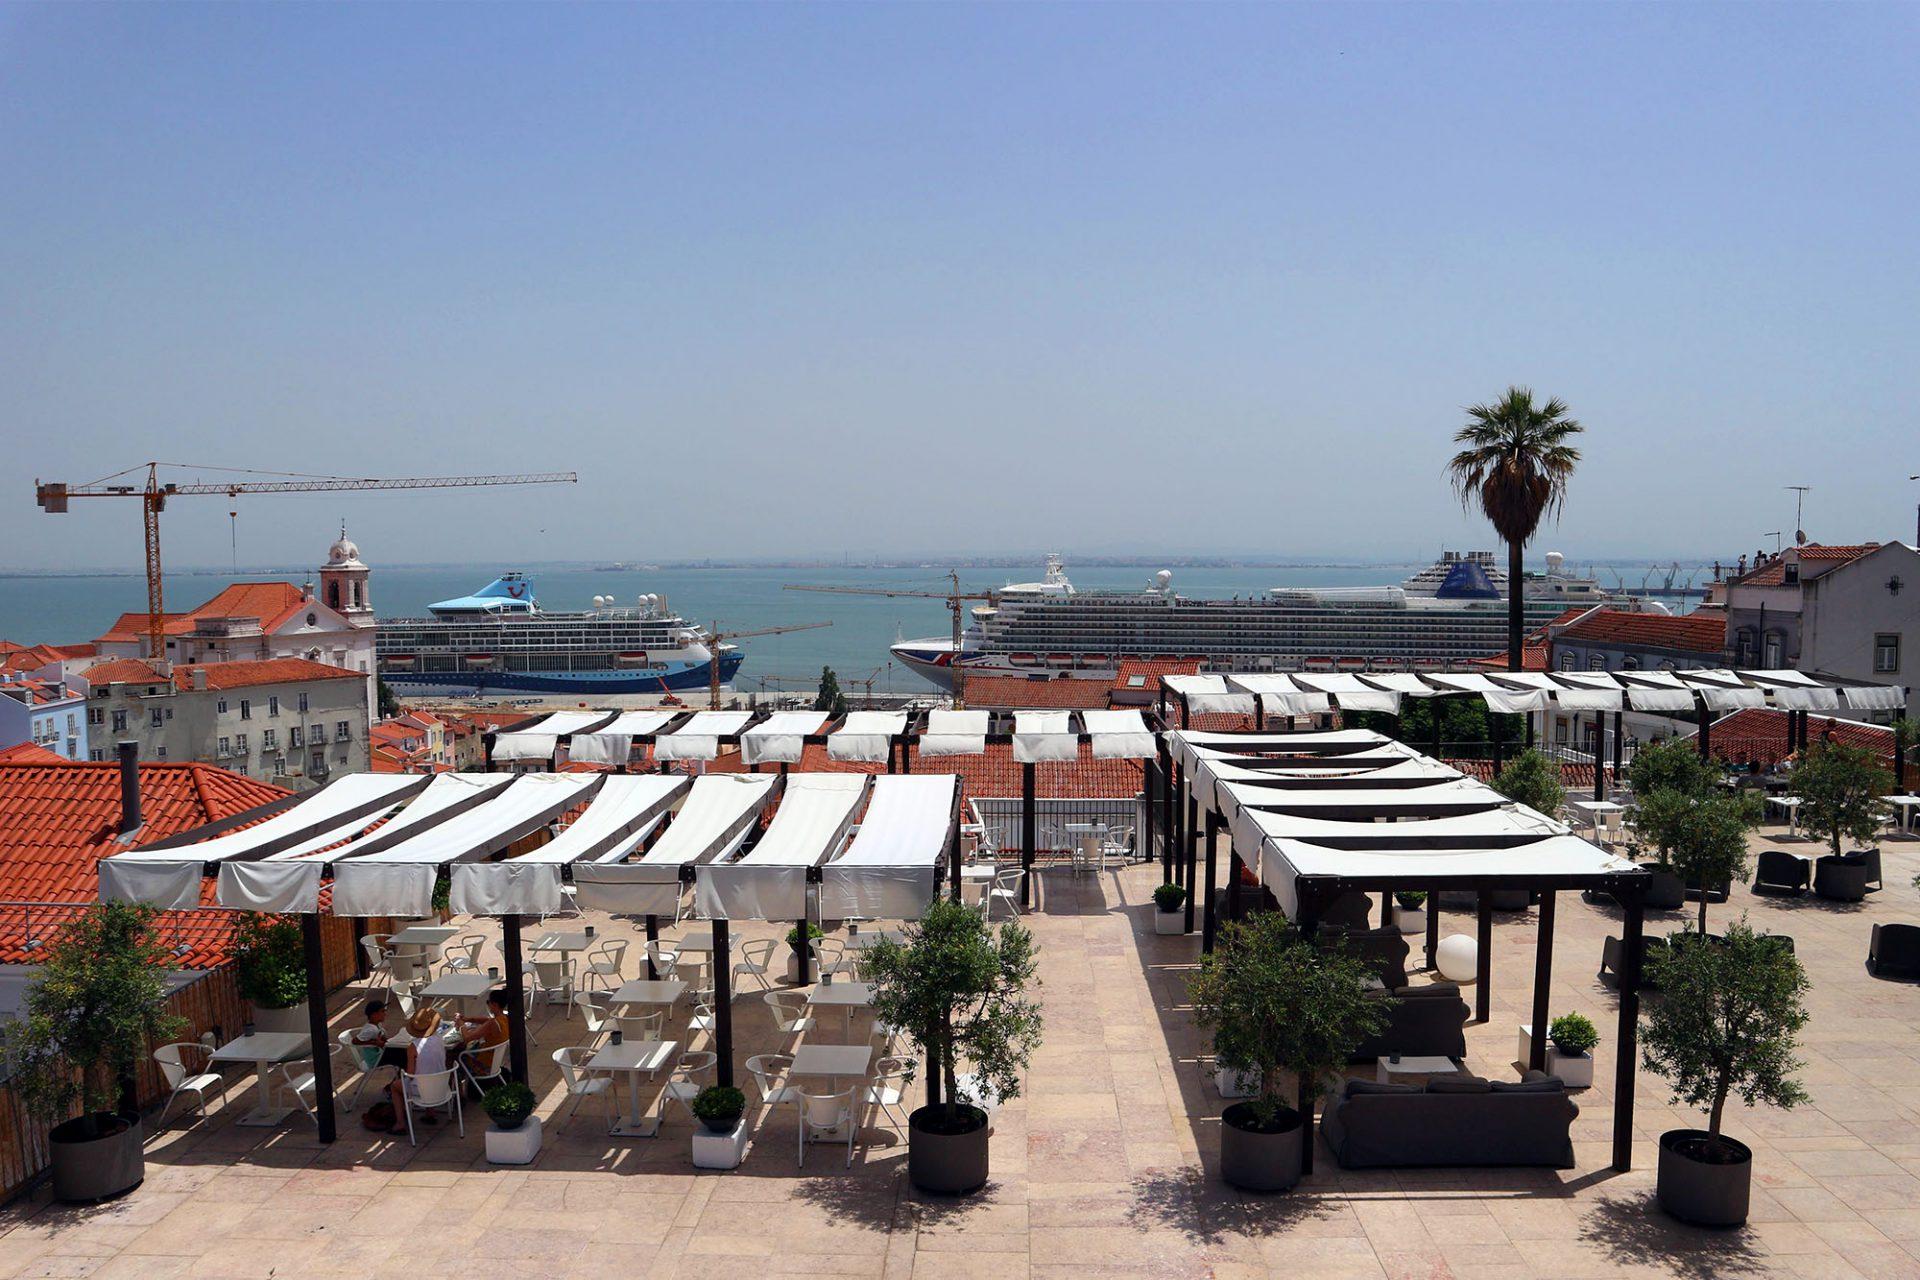 Portas Do Sol.  Die Aussicht reicht vom historischen Stadtteil Alfama, über den Tejo bis zur anderen Seite des Flusses (Eléctrico 12, 28 Miradouro de Santa Luzia).